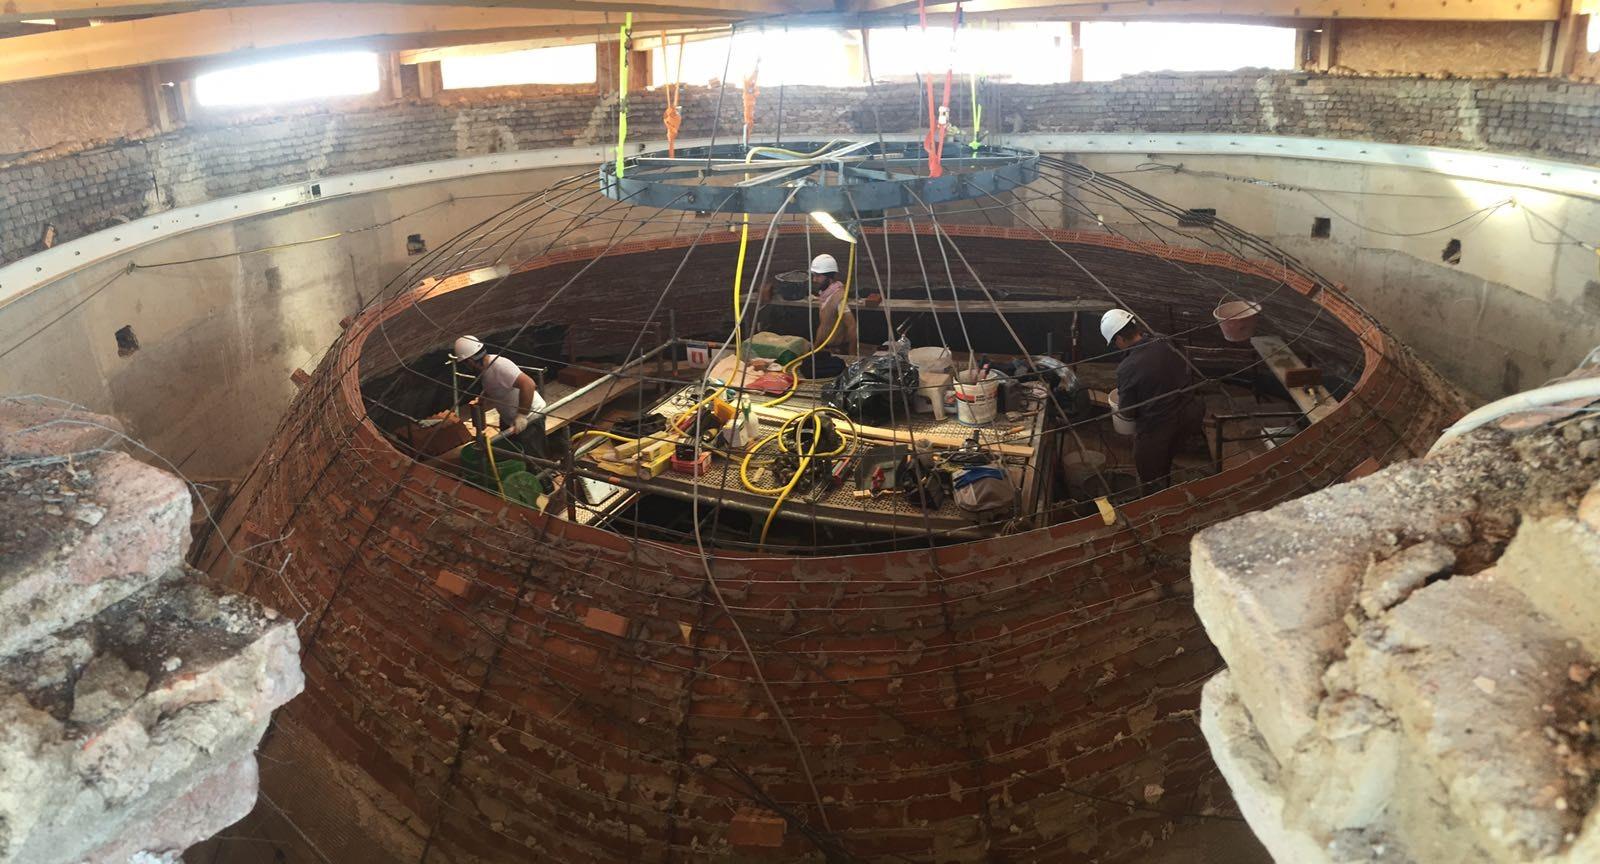 Lavori di ristrutturazione della cupola crollata dopo il terremoto